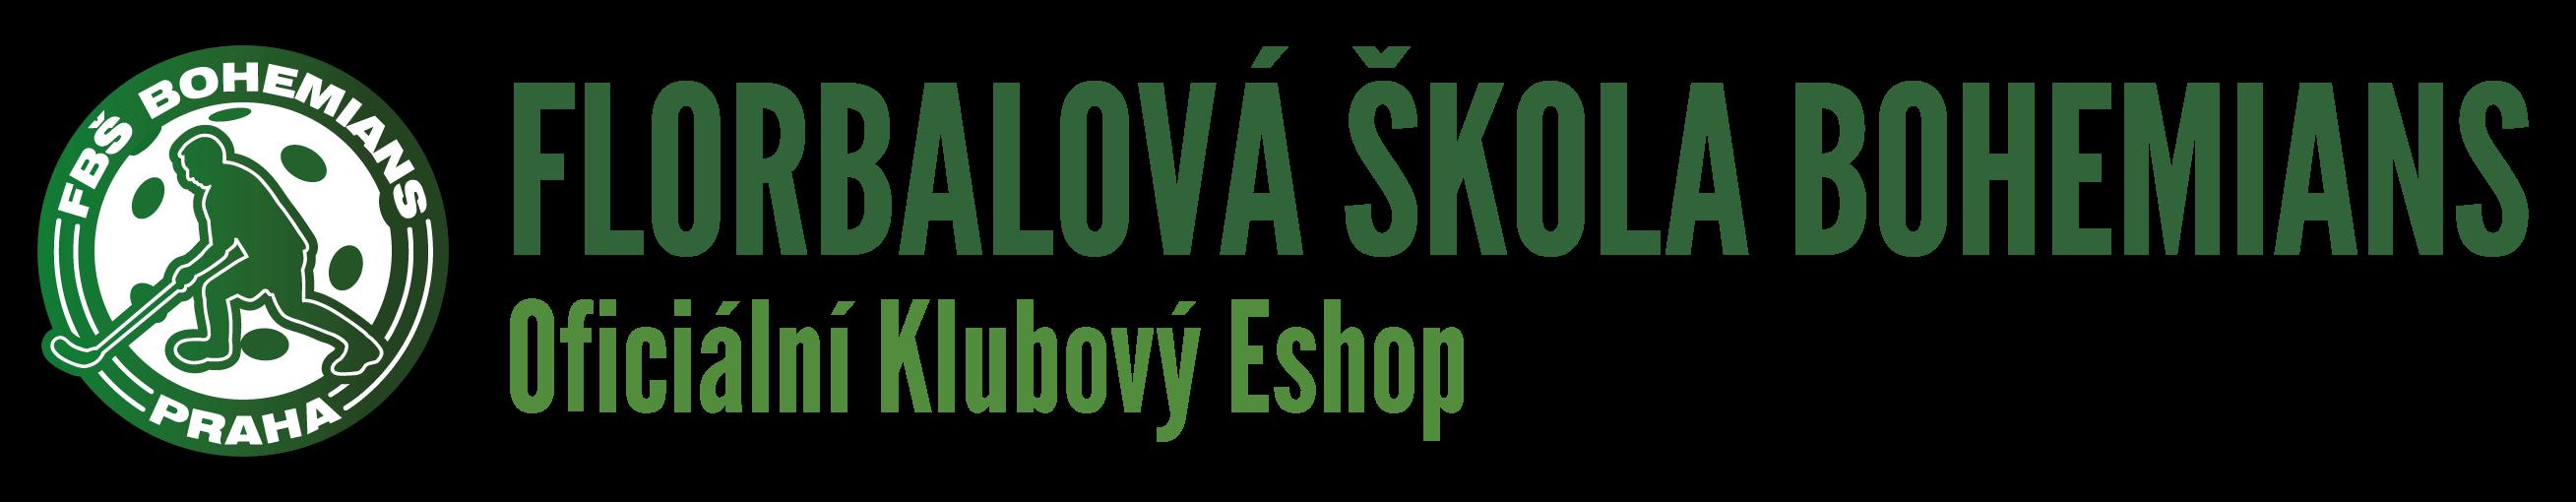 Eshop FBŠ Bohemians